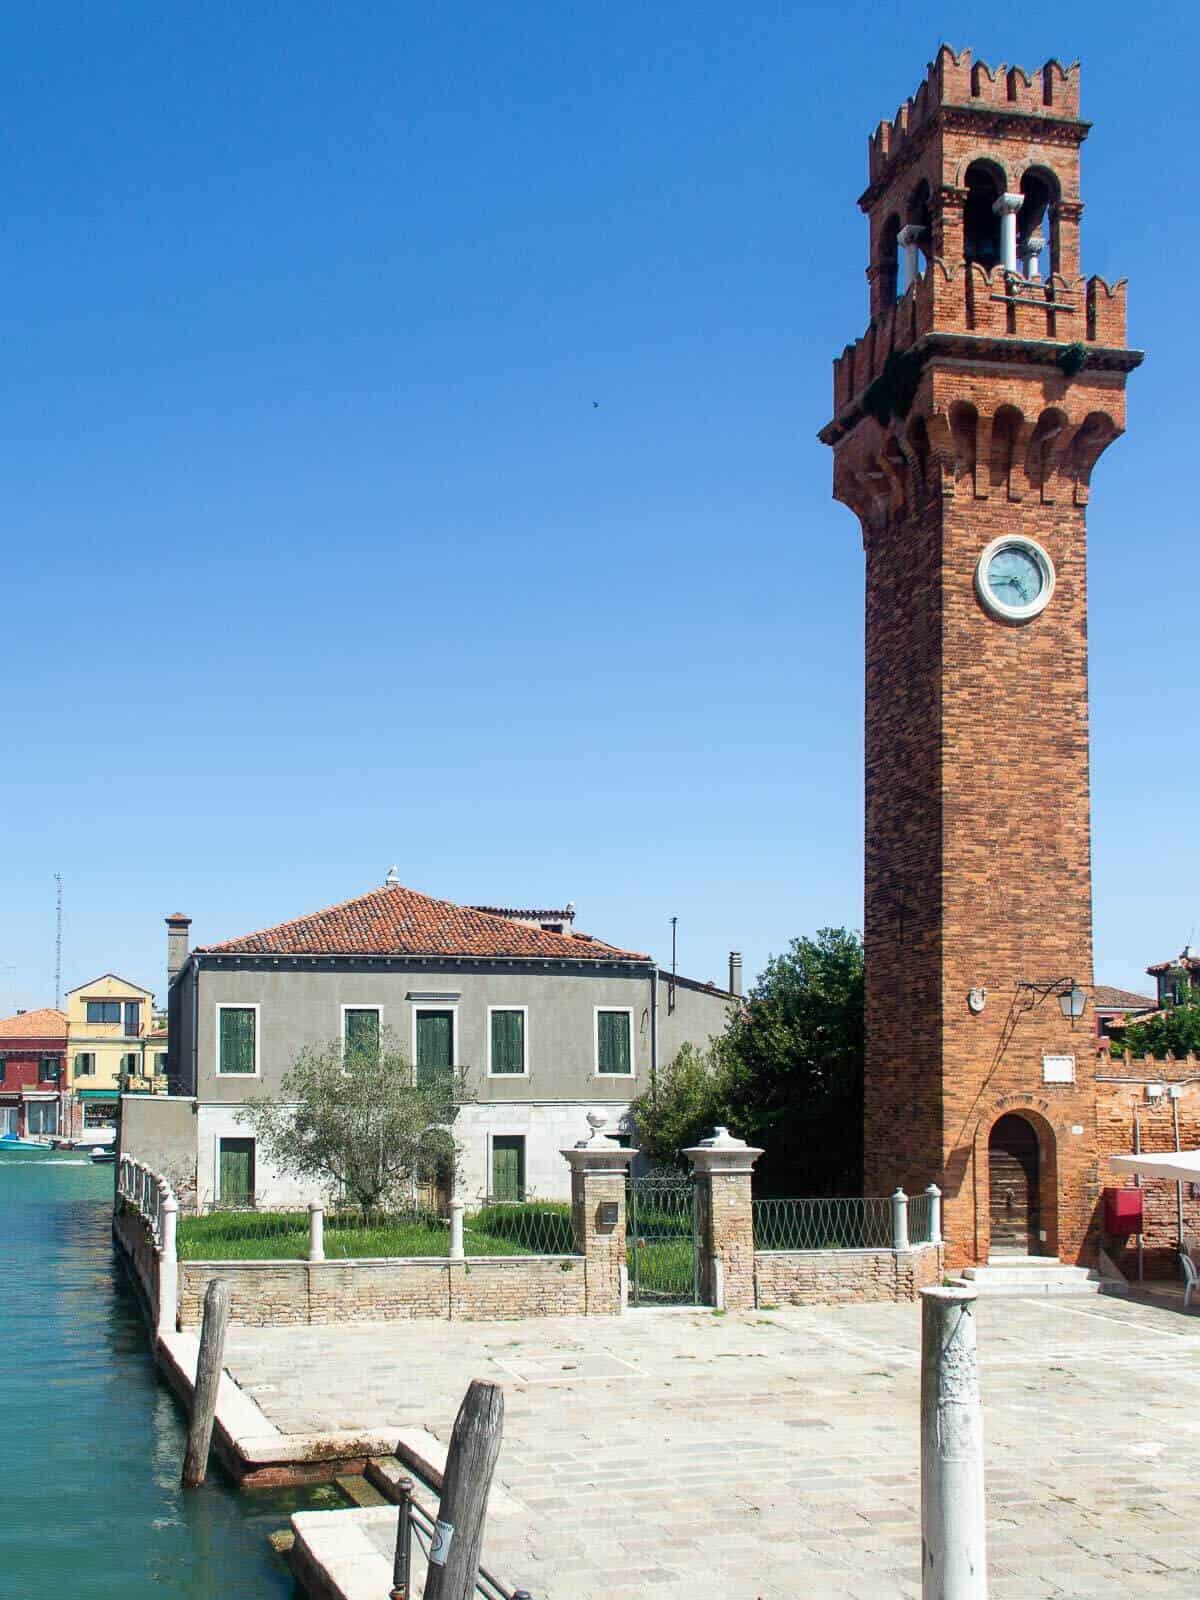 Tower in Murano